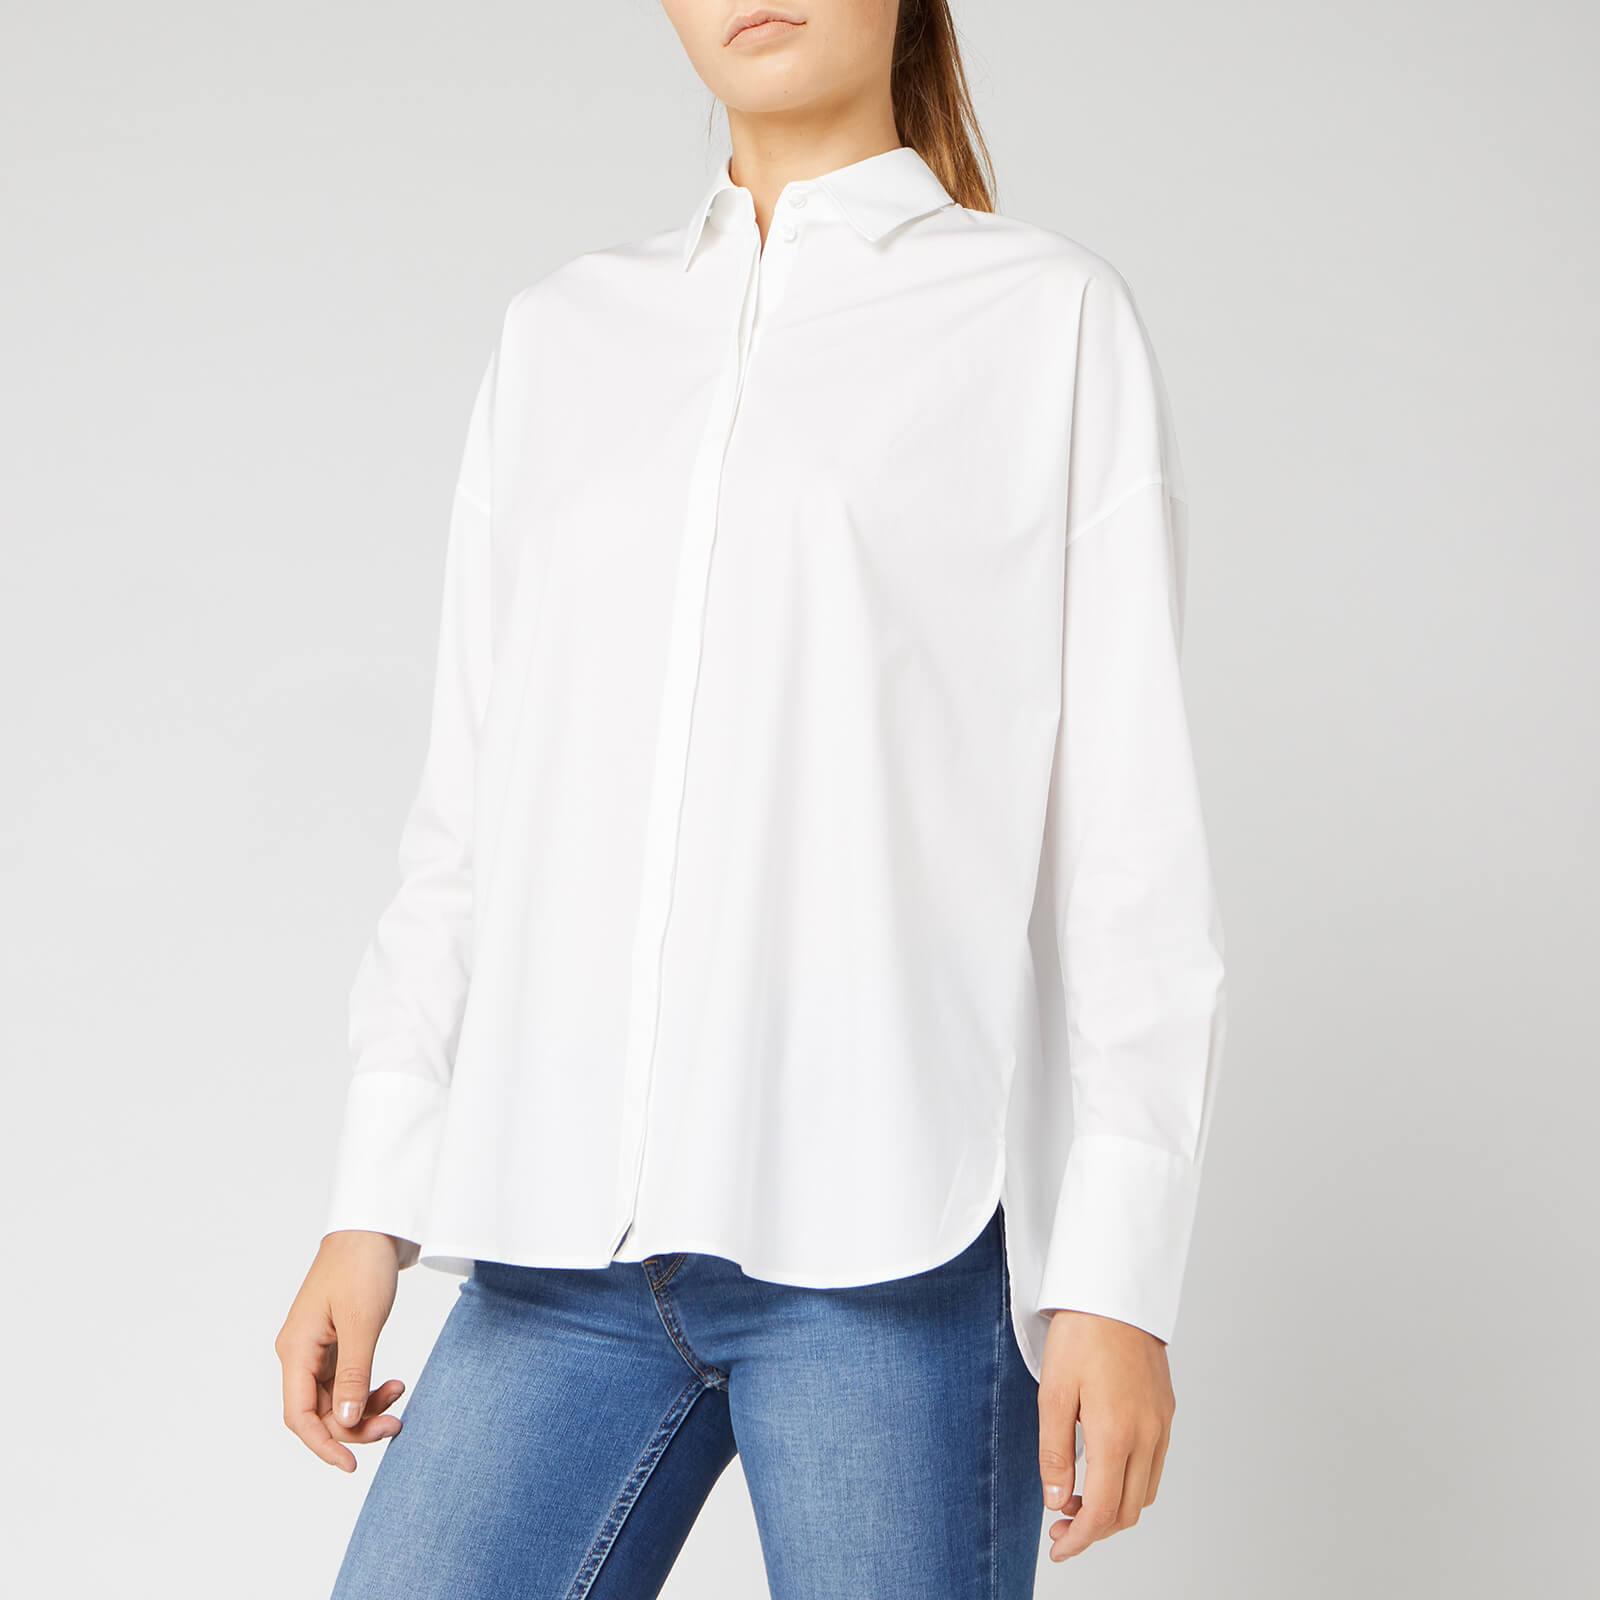 Hugo Boss Women's Elumia Shirt - White - L - White